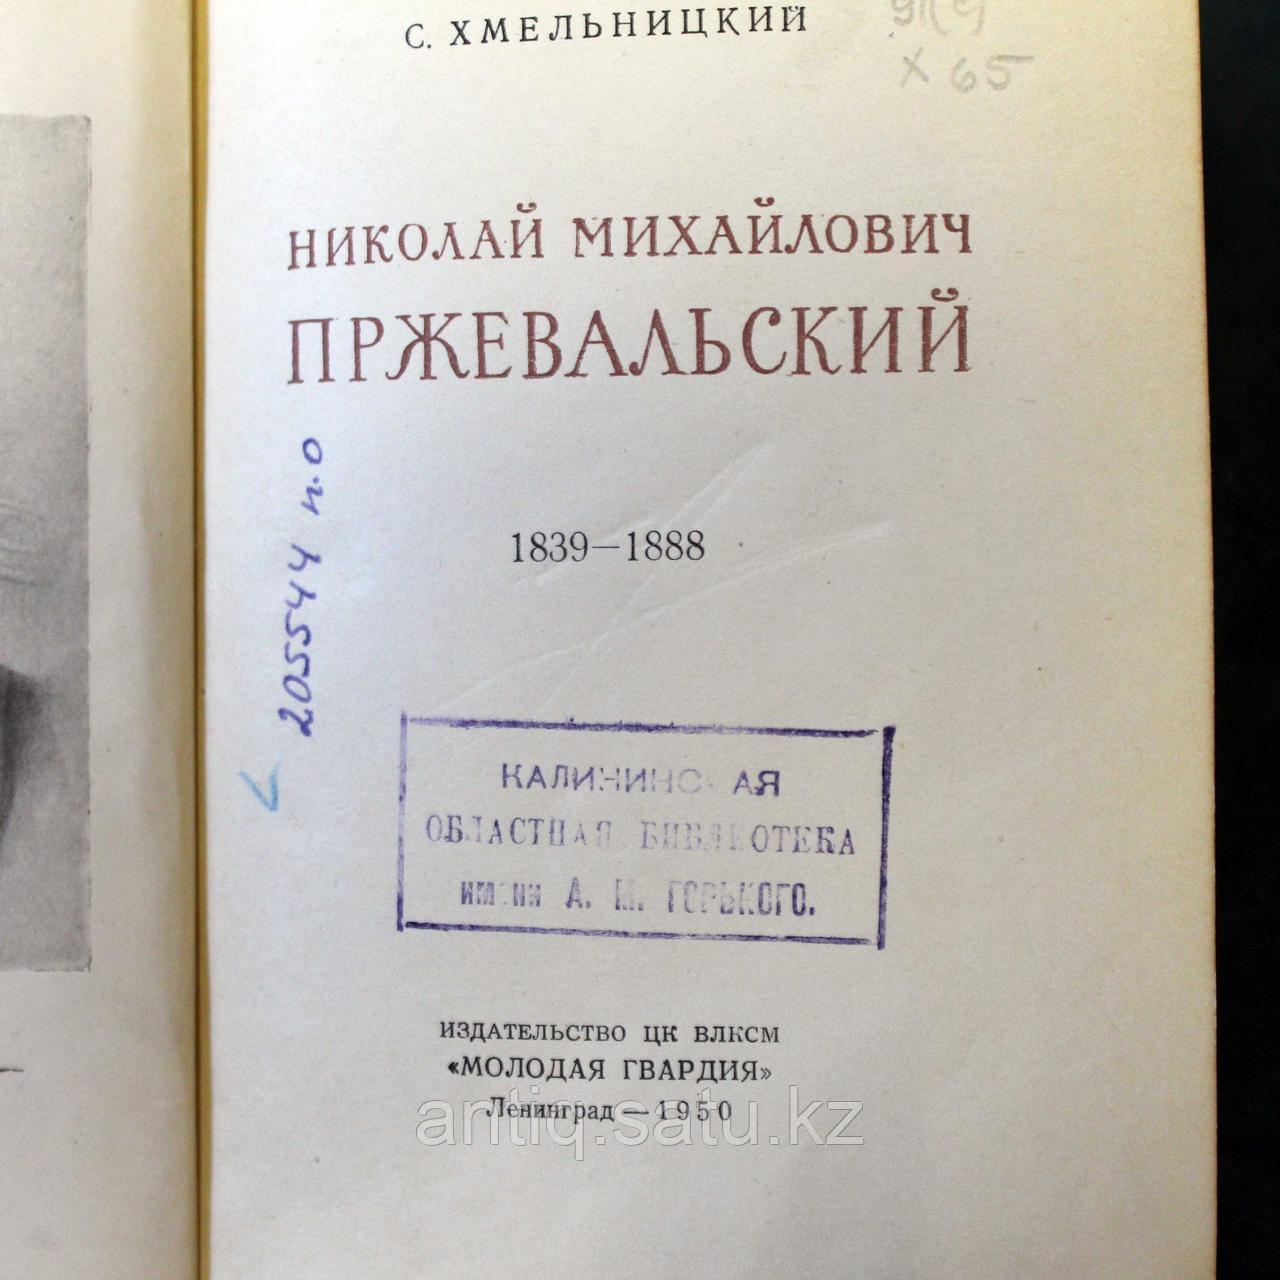 Пржевальский Редкая старая книга о Путешествиях по Центральной Азии. - фото 4